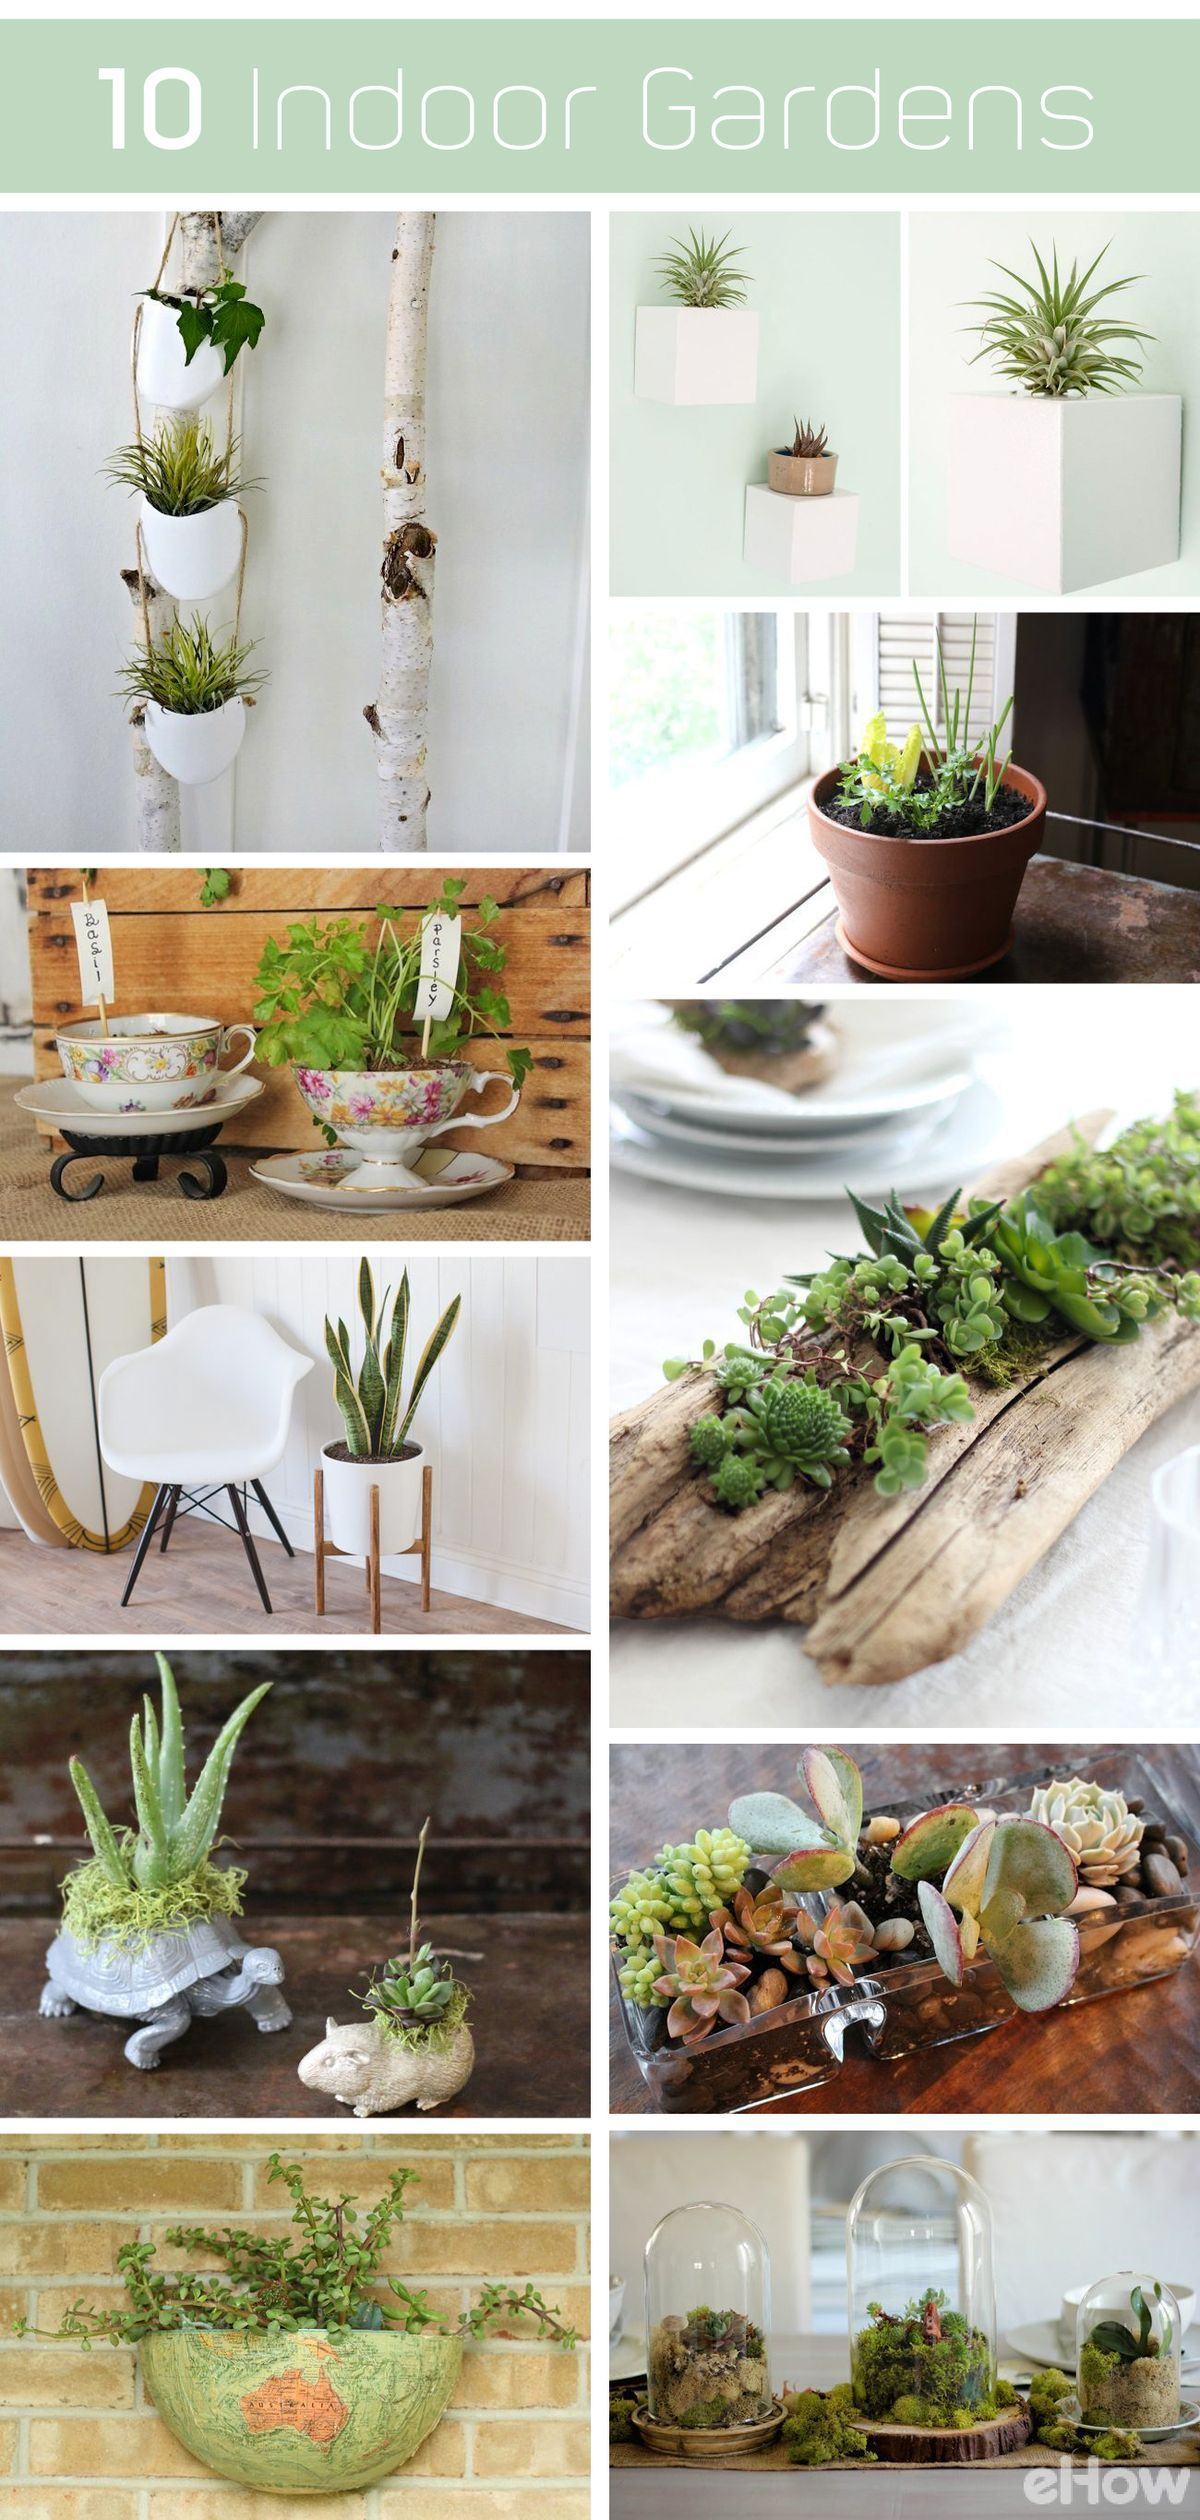 10 DIY Indoor Gardens for the Urban Gardener Small